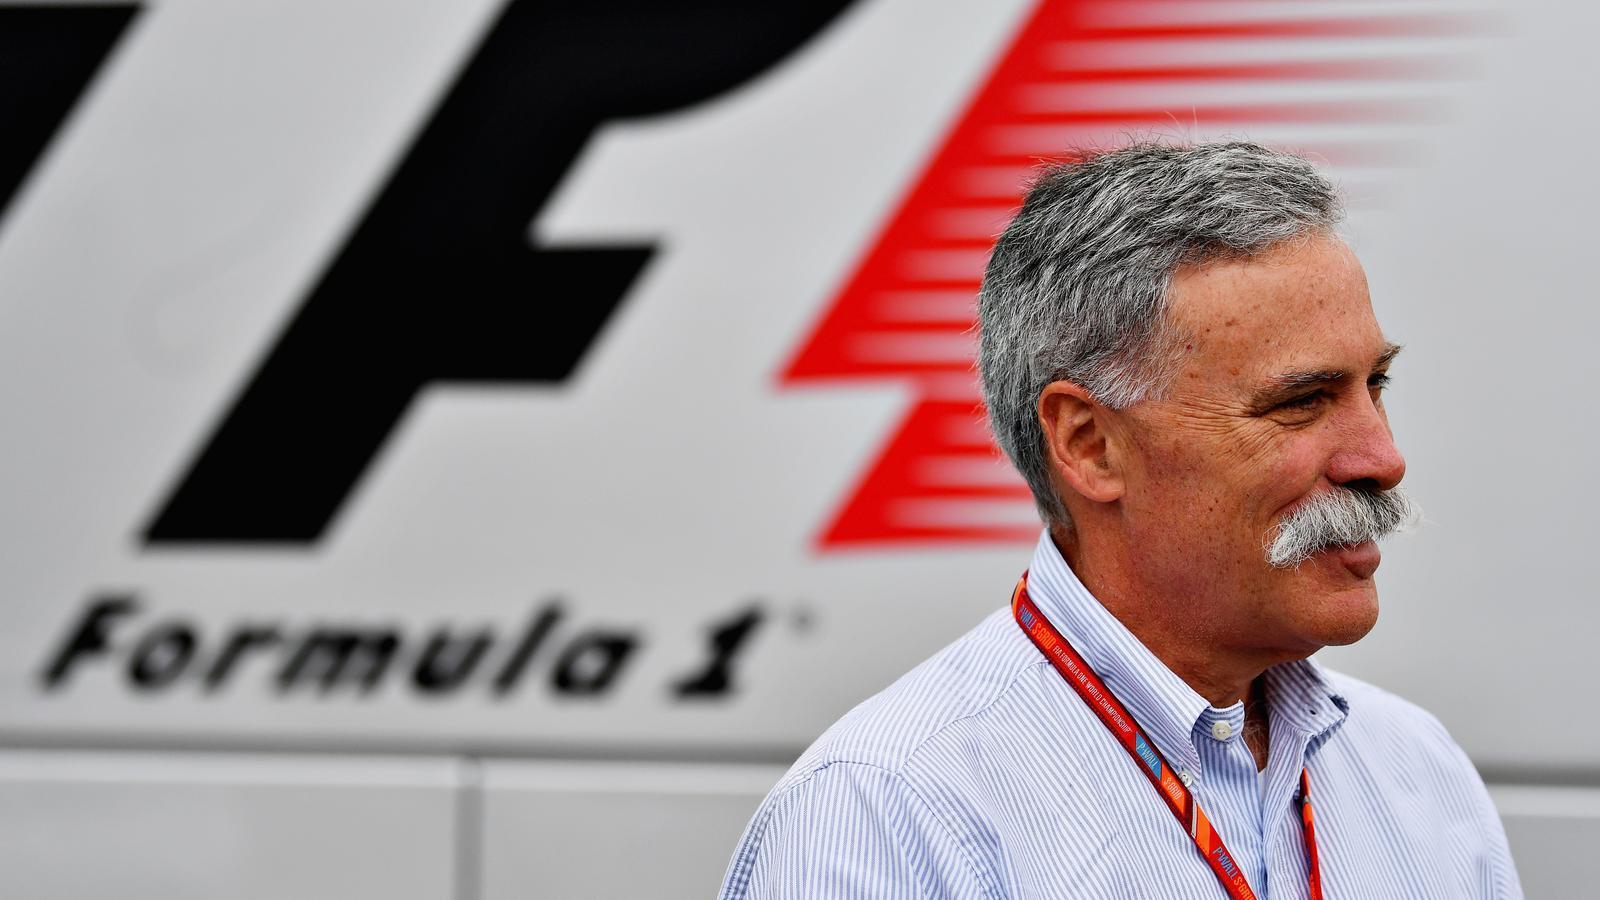 La Fórmula 1 encara no deixa Catalunya: el Govern pacta que segueixi un any més